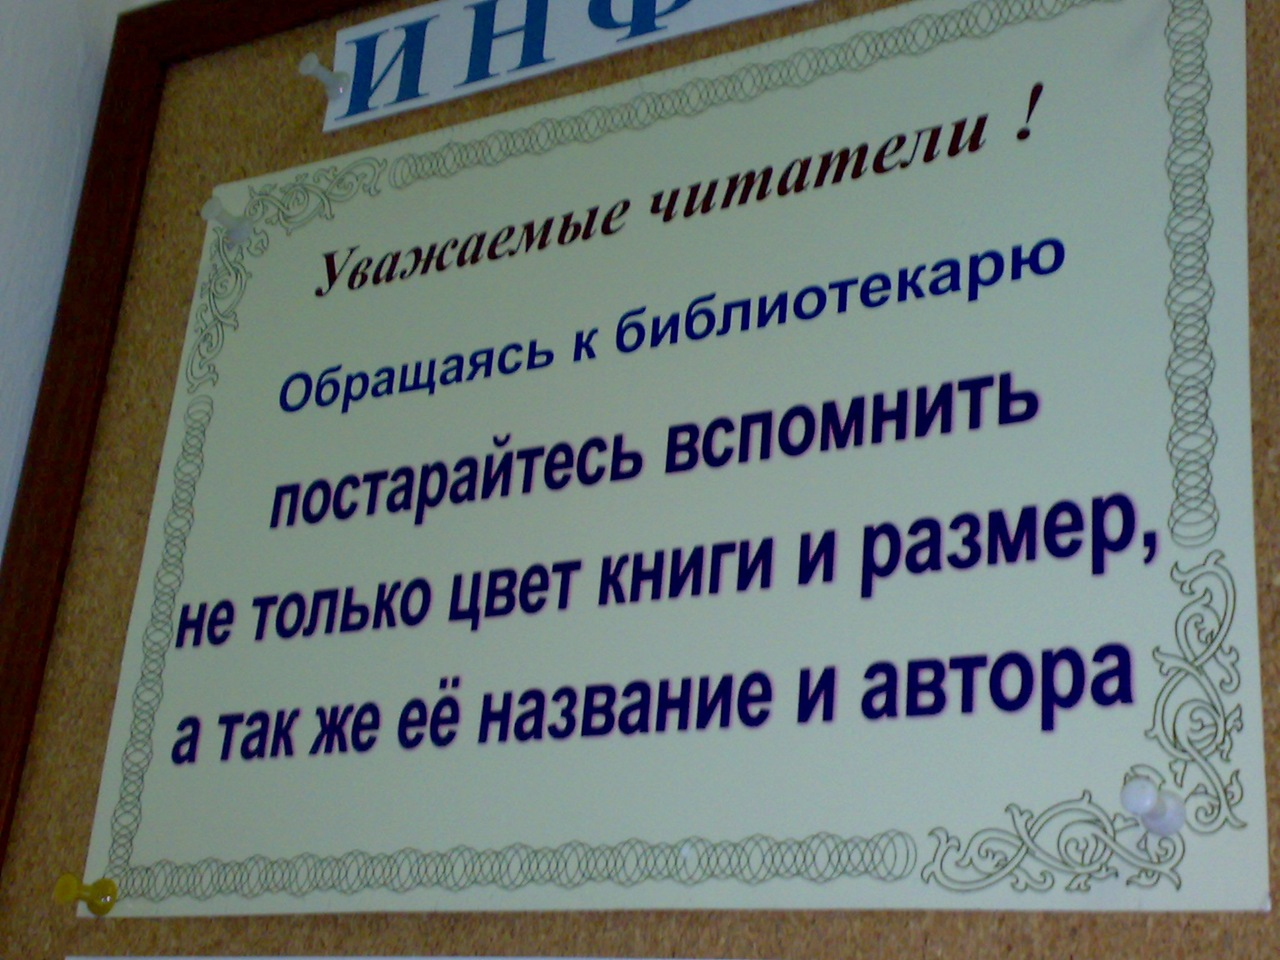 http://cs9926.vk.me/u7561589/95909449/z_67393a03.jpg